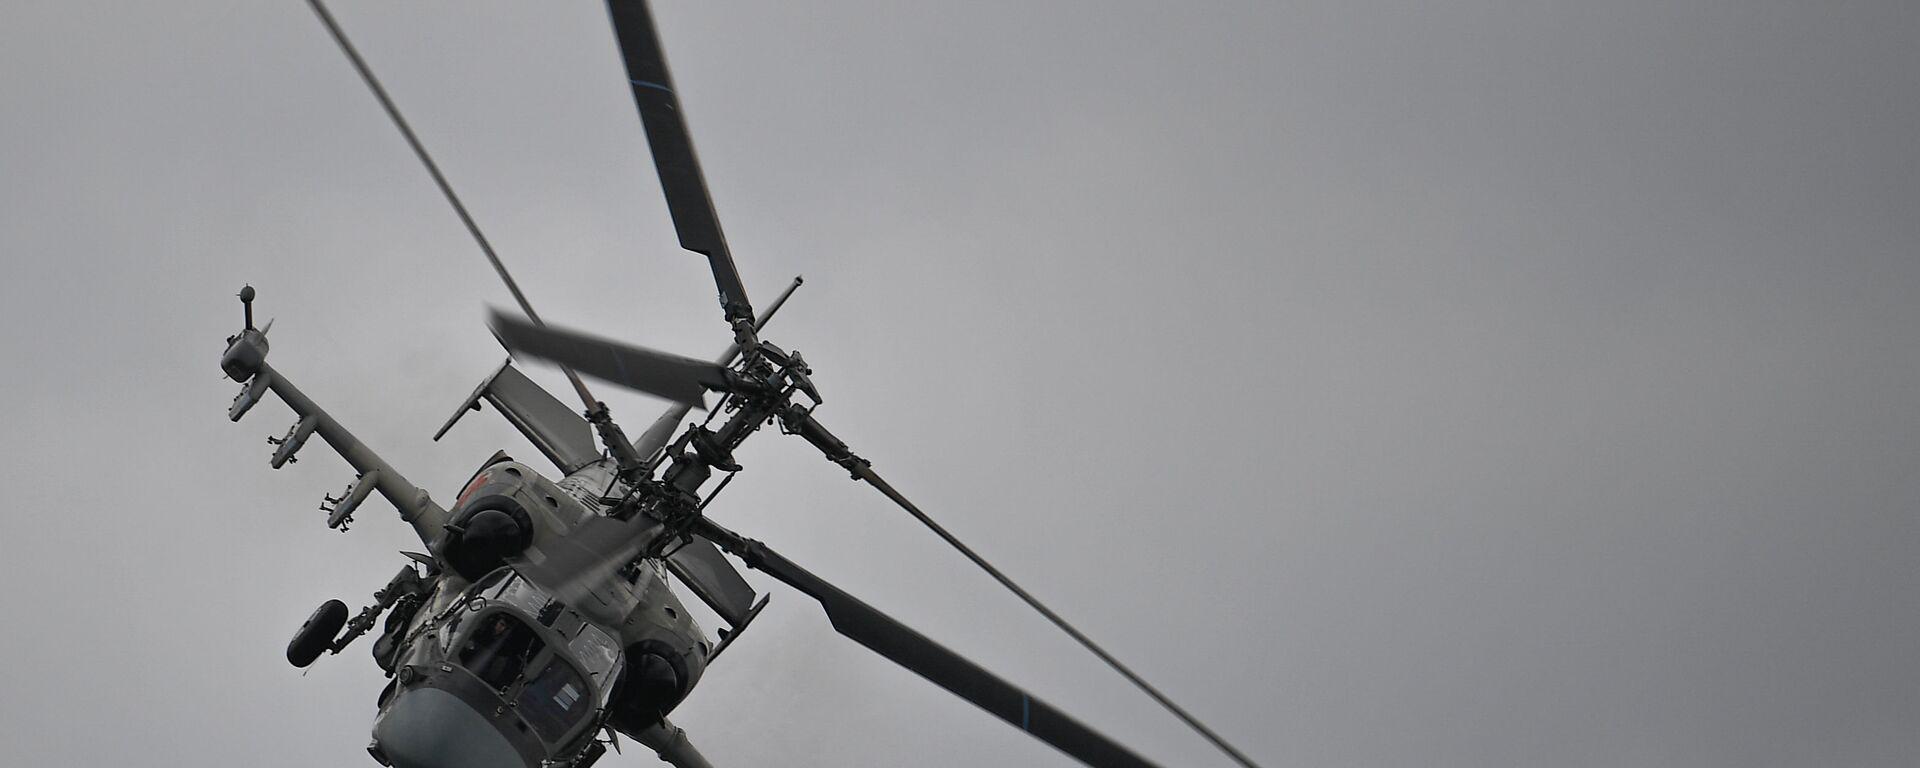 Ударный вертолет Ка-52 Аллигатор выполняет демонстрационный полет в рамках Международного форума Армия-2020 на аэродроме Кубинка в Подмосковье - Sputnik Italia, 1920, 26.08.2021